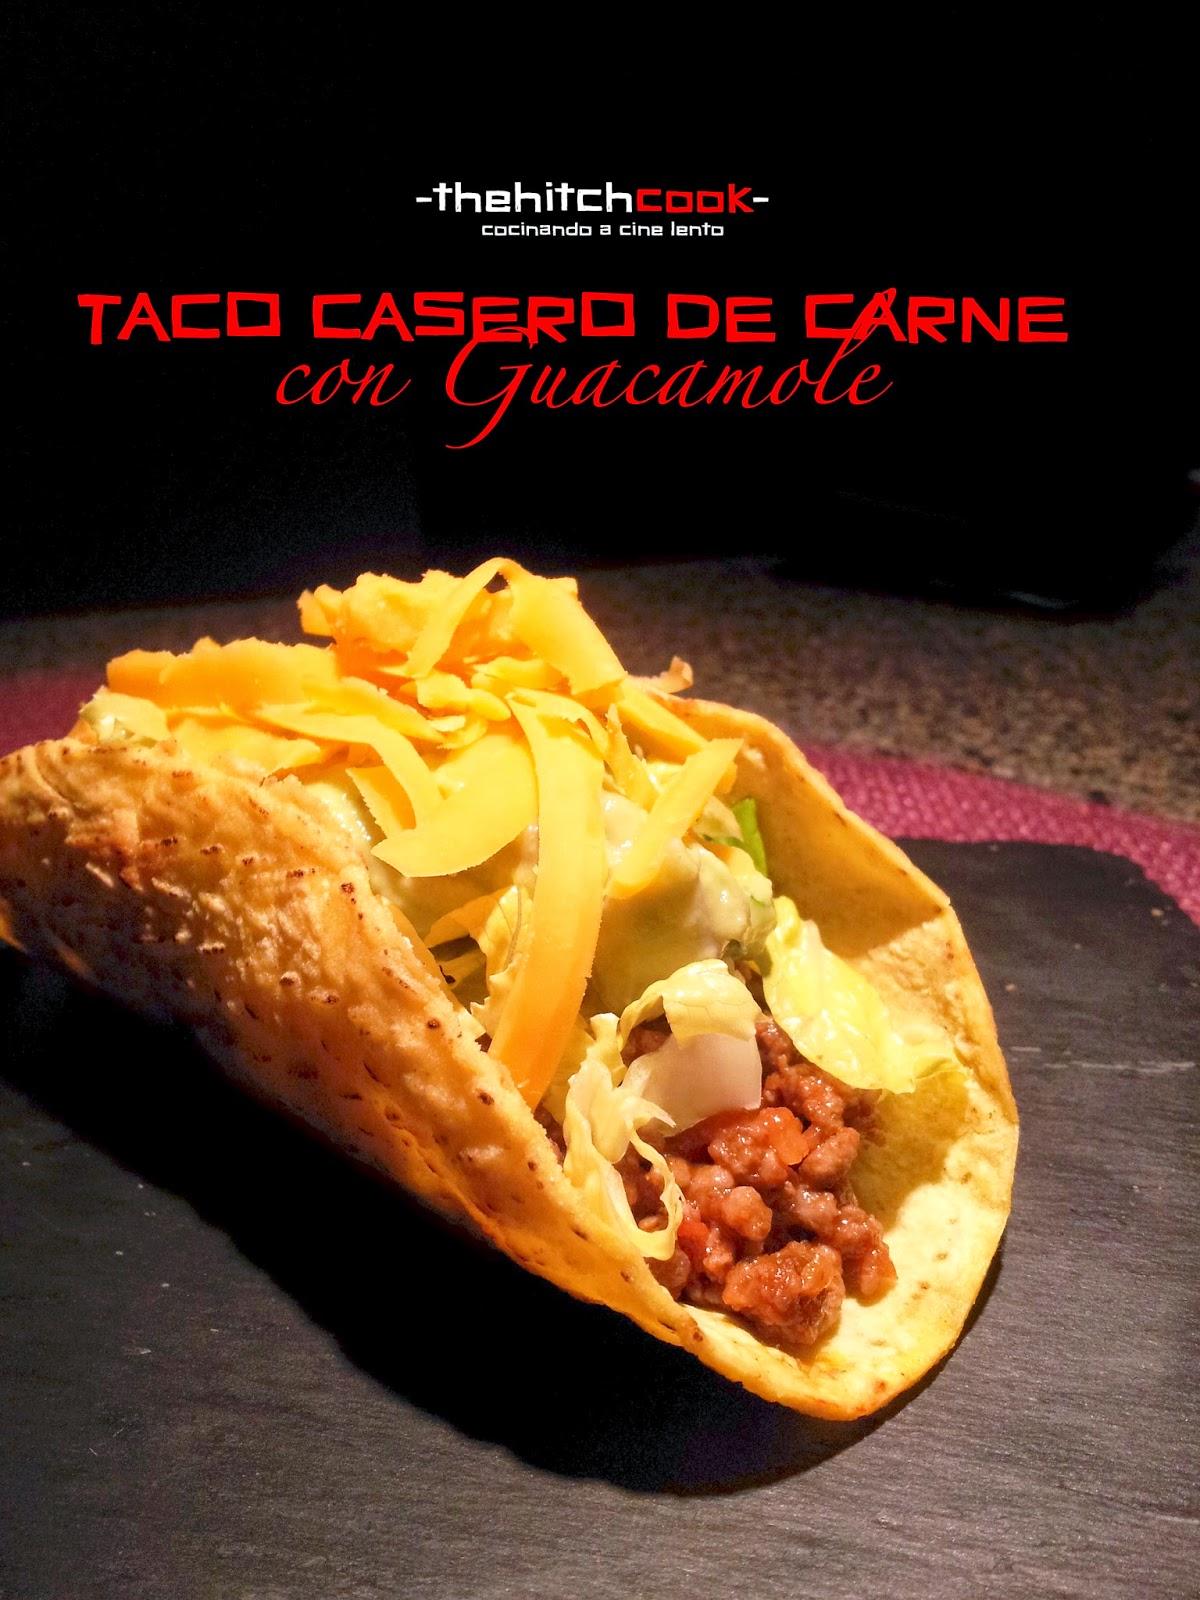 TACO CASERO DE CARNE CON GUACAMOLE